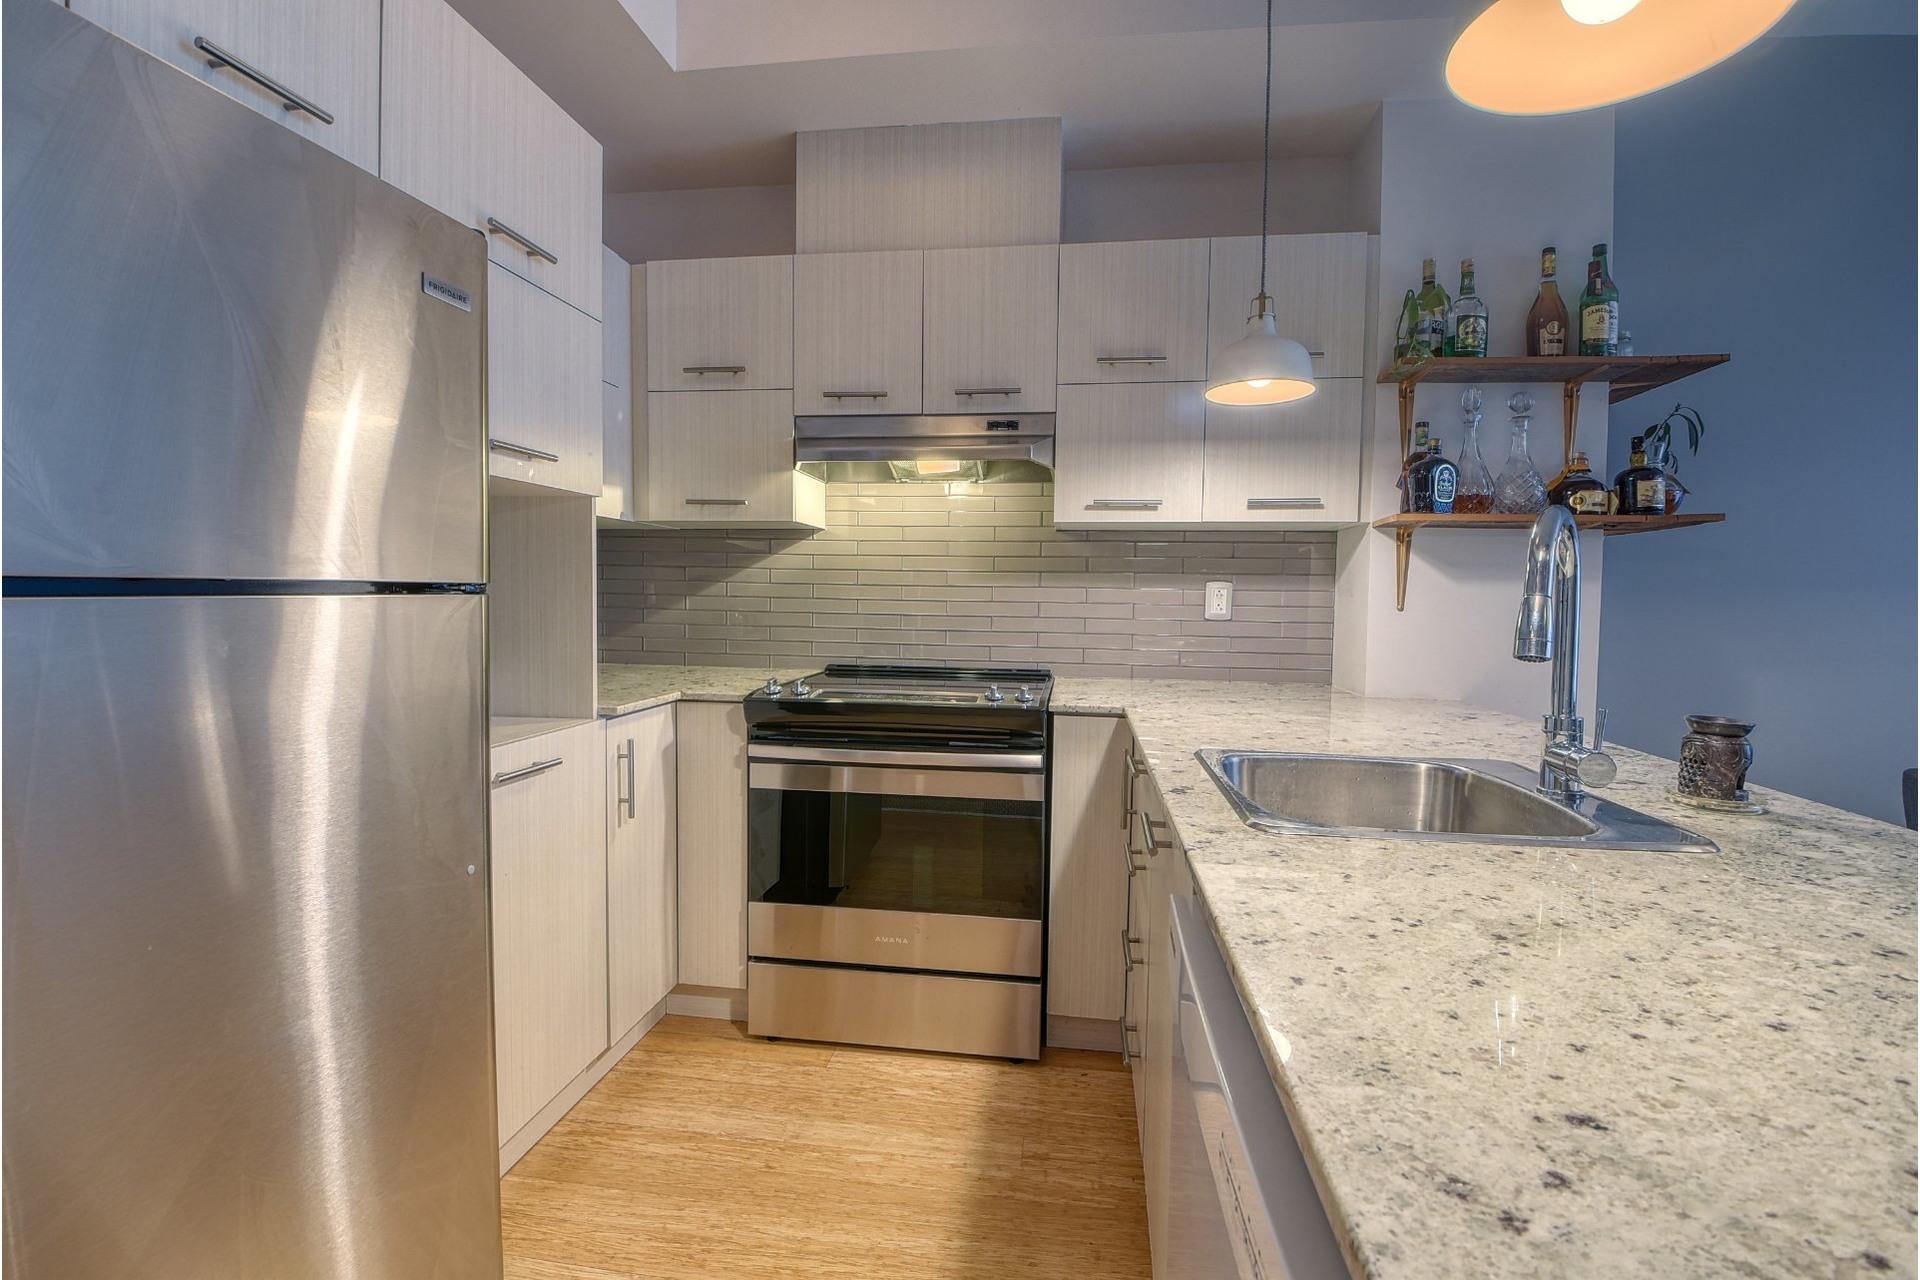 image 9 - Appartement À vendre Lachine Montréal  - 7 pièces